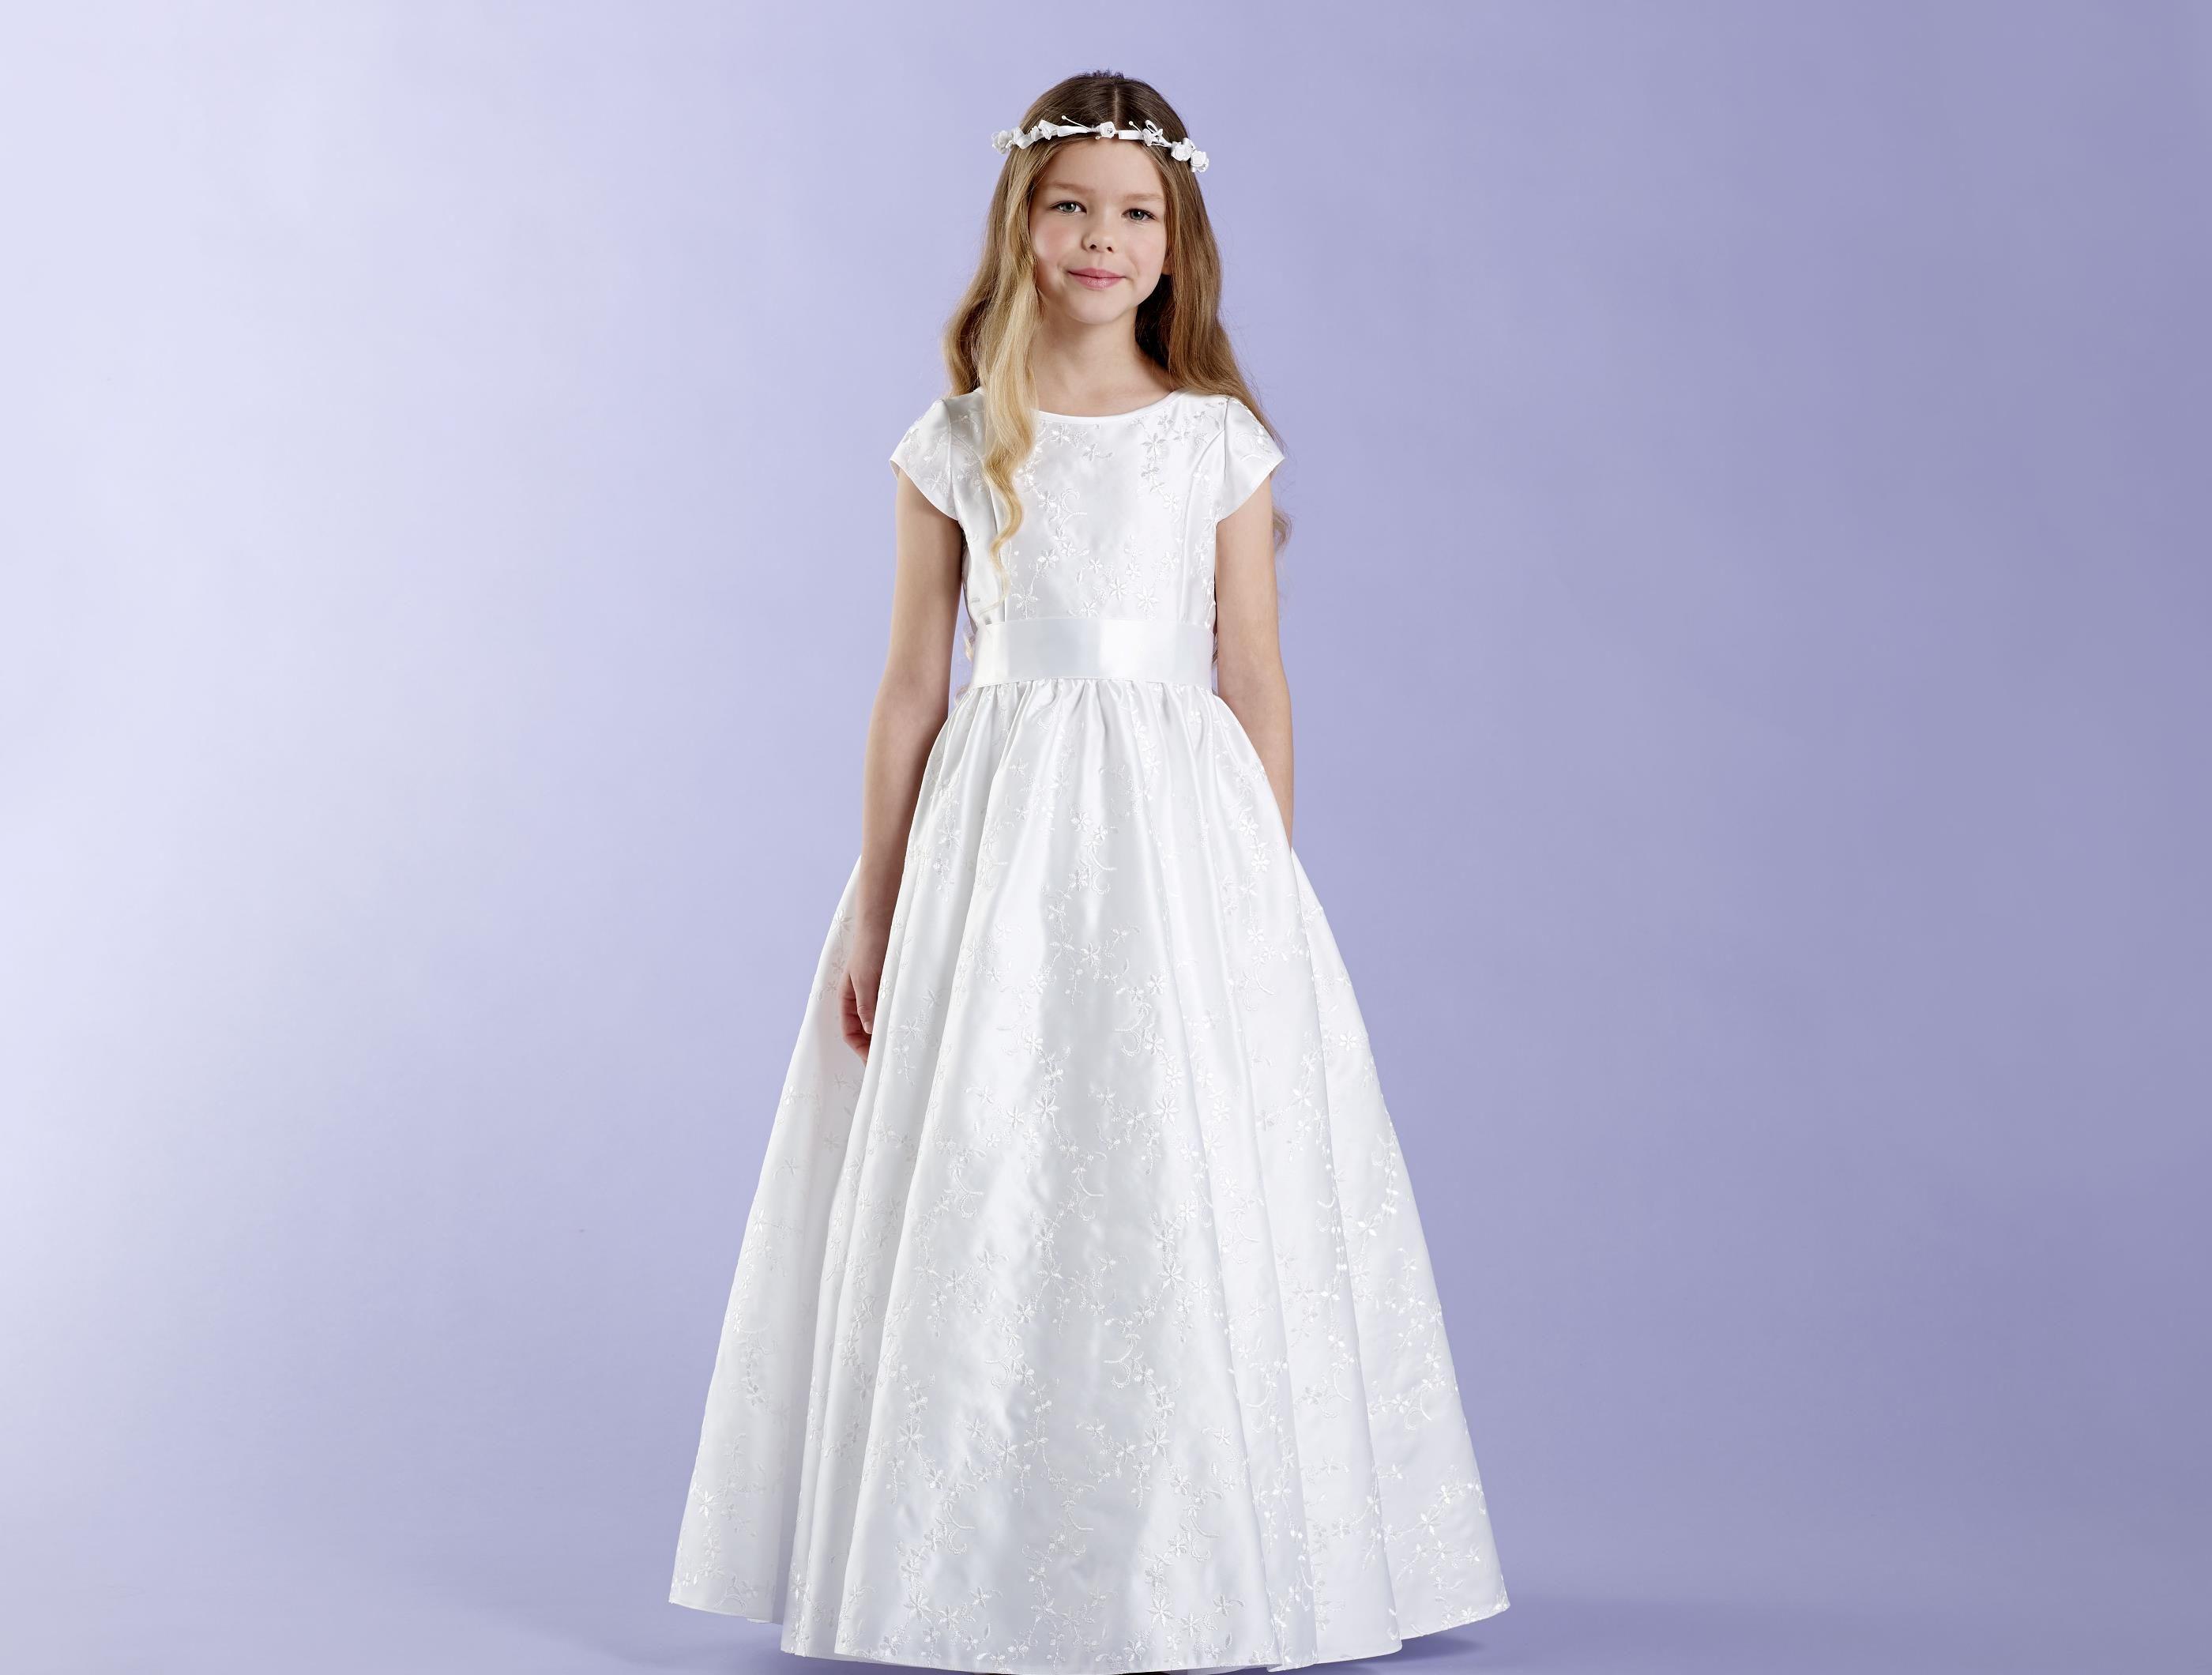 Blütenkleid - besticktes Kommunionkleidchen   communion dresses ...